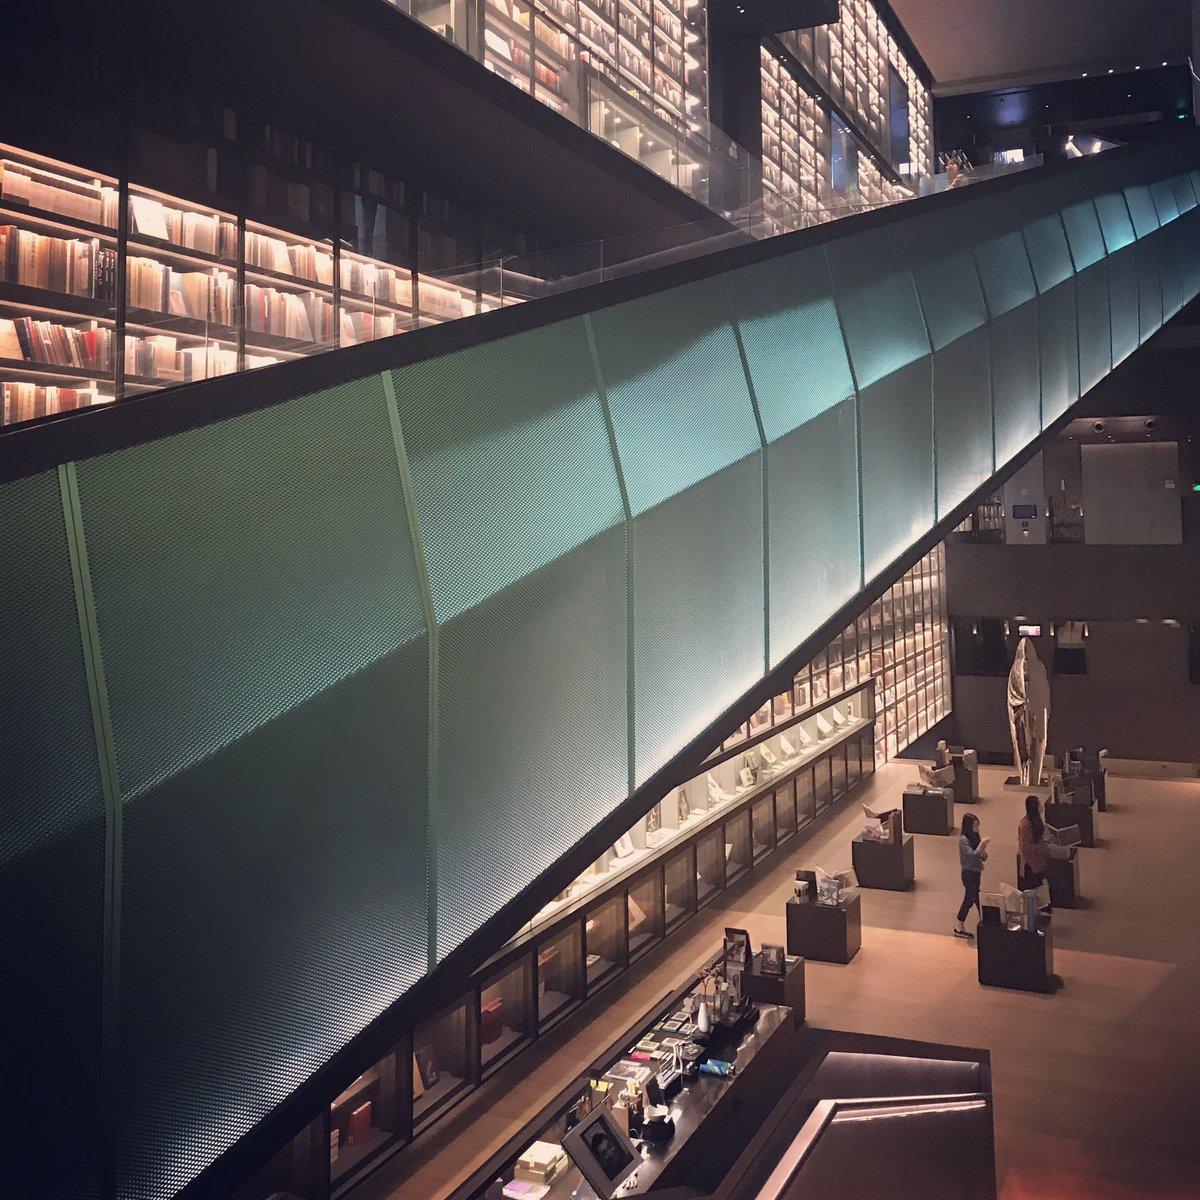 深圳のArtron。中国の印刷会社が作った会員制の美術図書館。収蔵品も建築もヤバい。 https://t.co/AyCQMpr2cQ